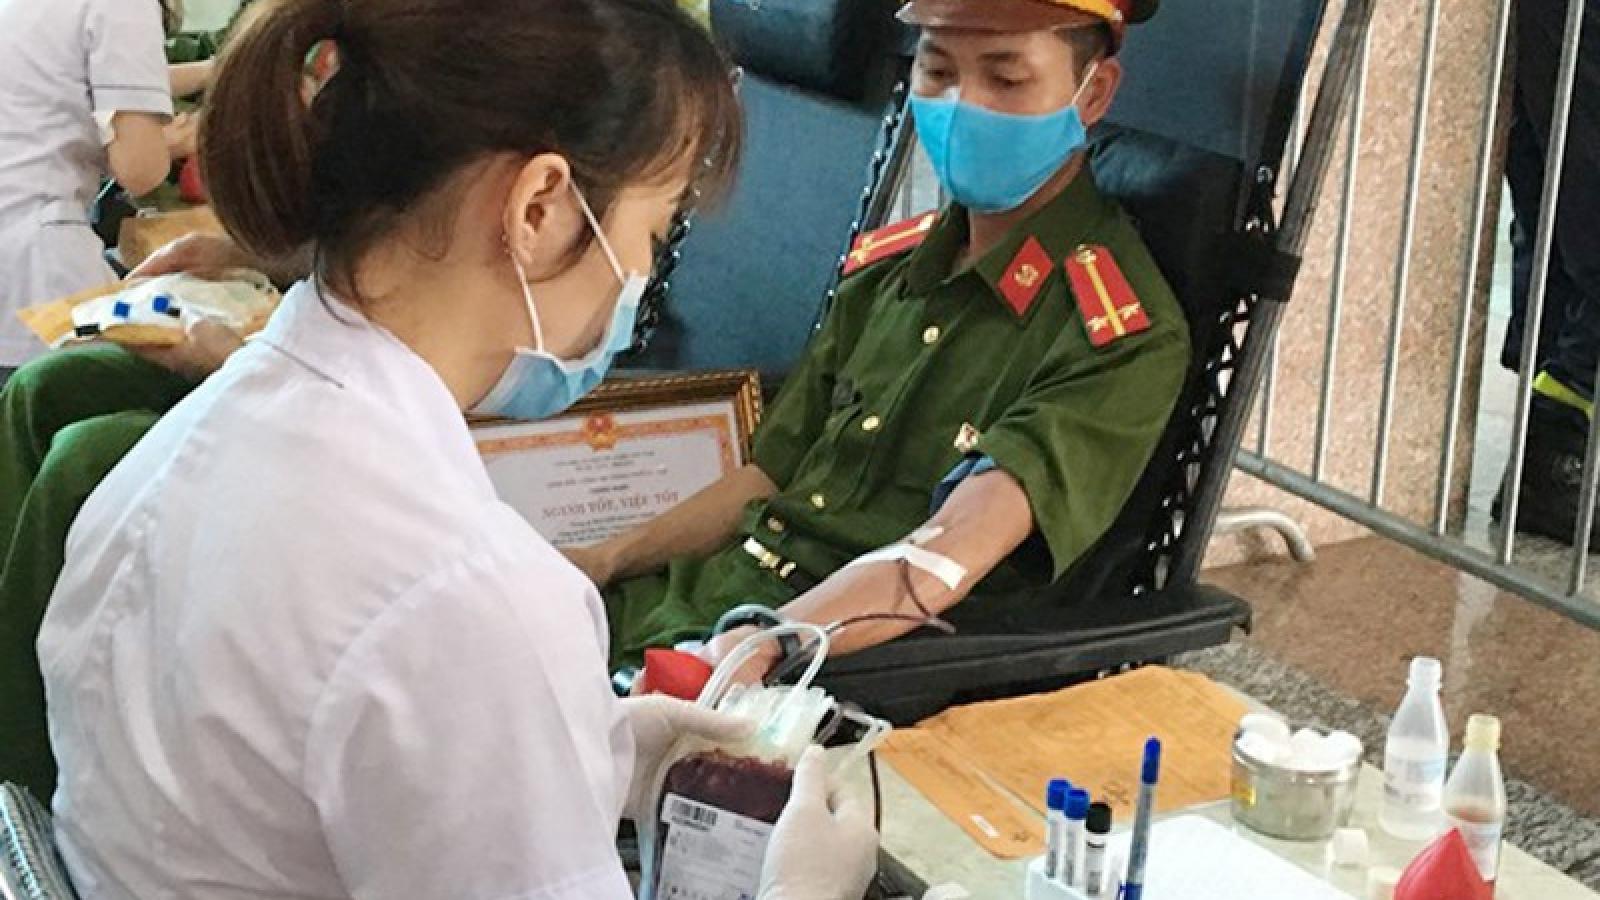 Hàng nghìn cán bộ chiến sĩ công an tham gia hiến máu tình nguyện